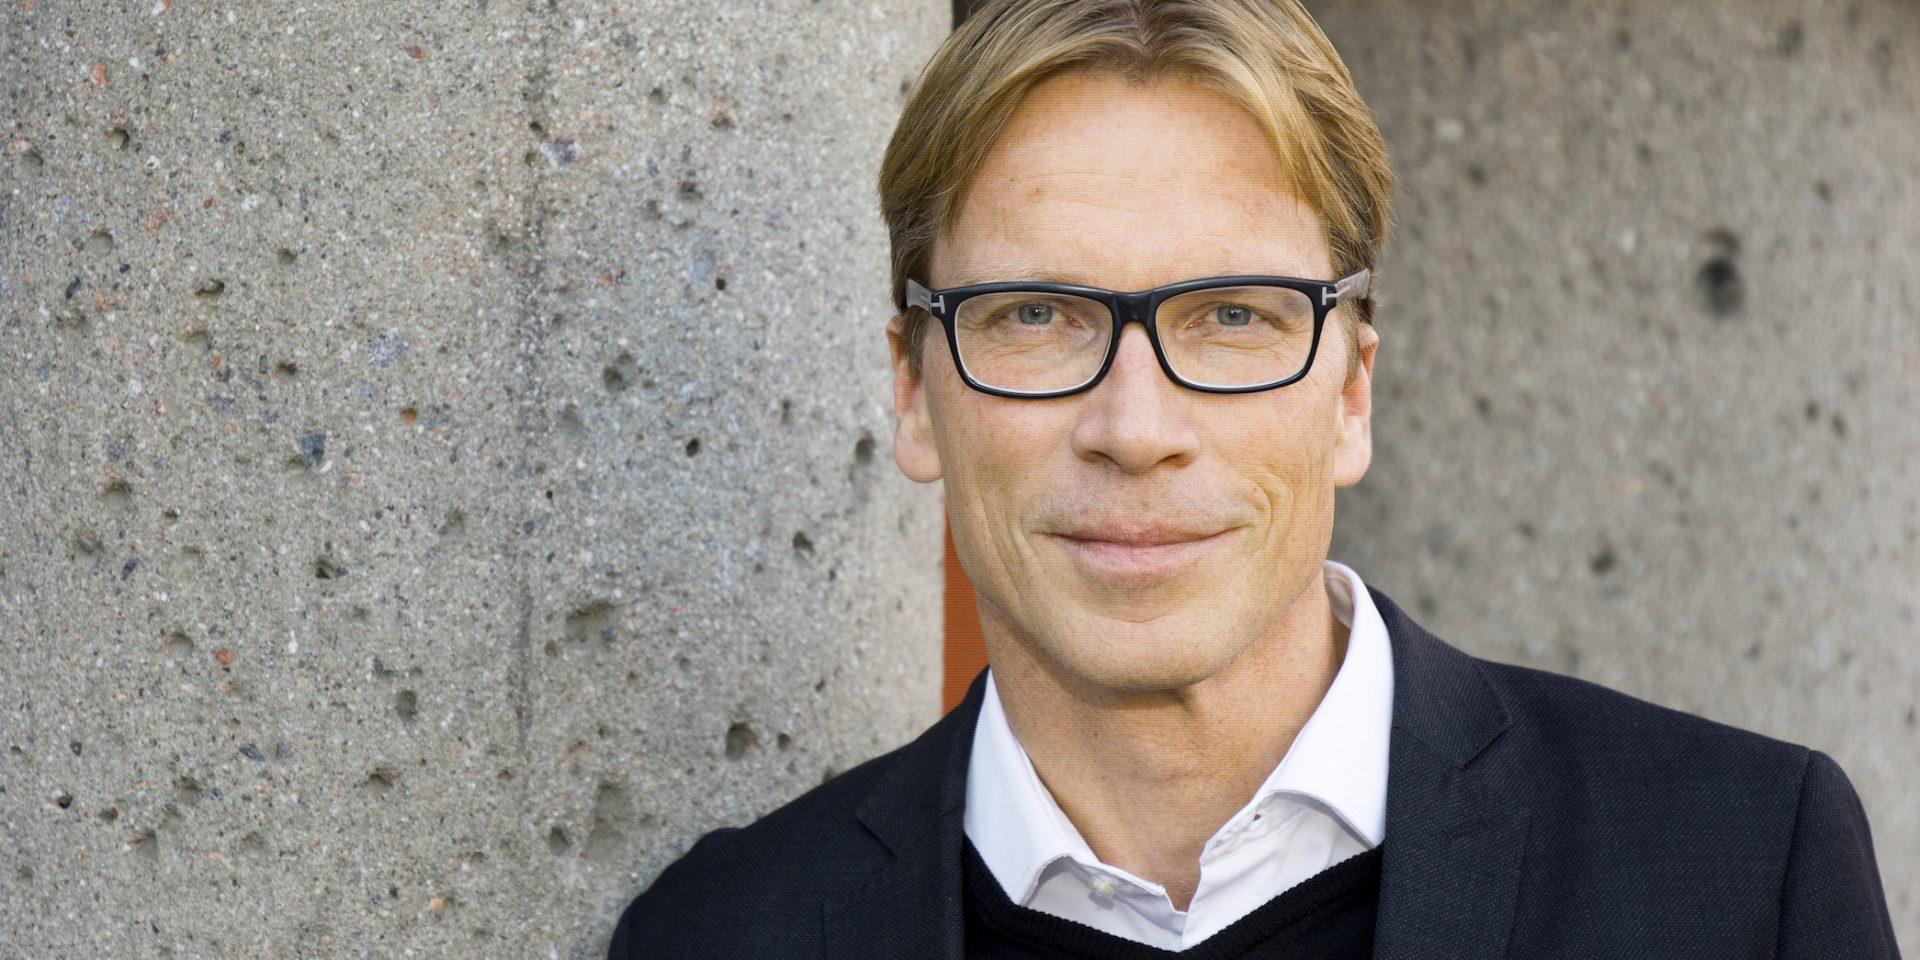 Anslaget till Sida – som gör det möjligt att ha kompetent personal som kan bereda, styra och följa upp biståndsinsatserna – har släpat efter, skriver Erik Lysén, chef för Act Svenska kyrkan.